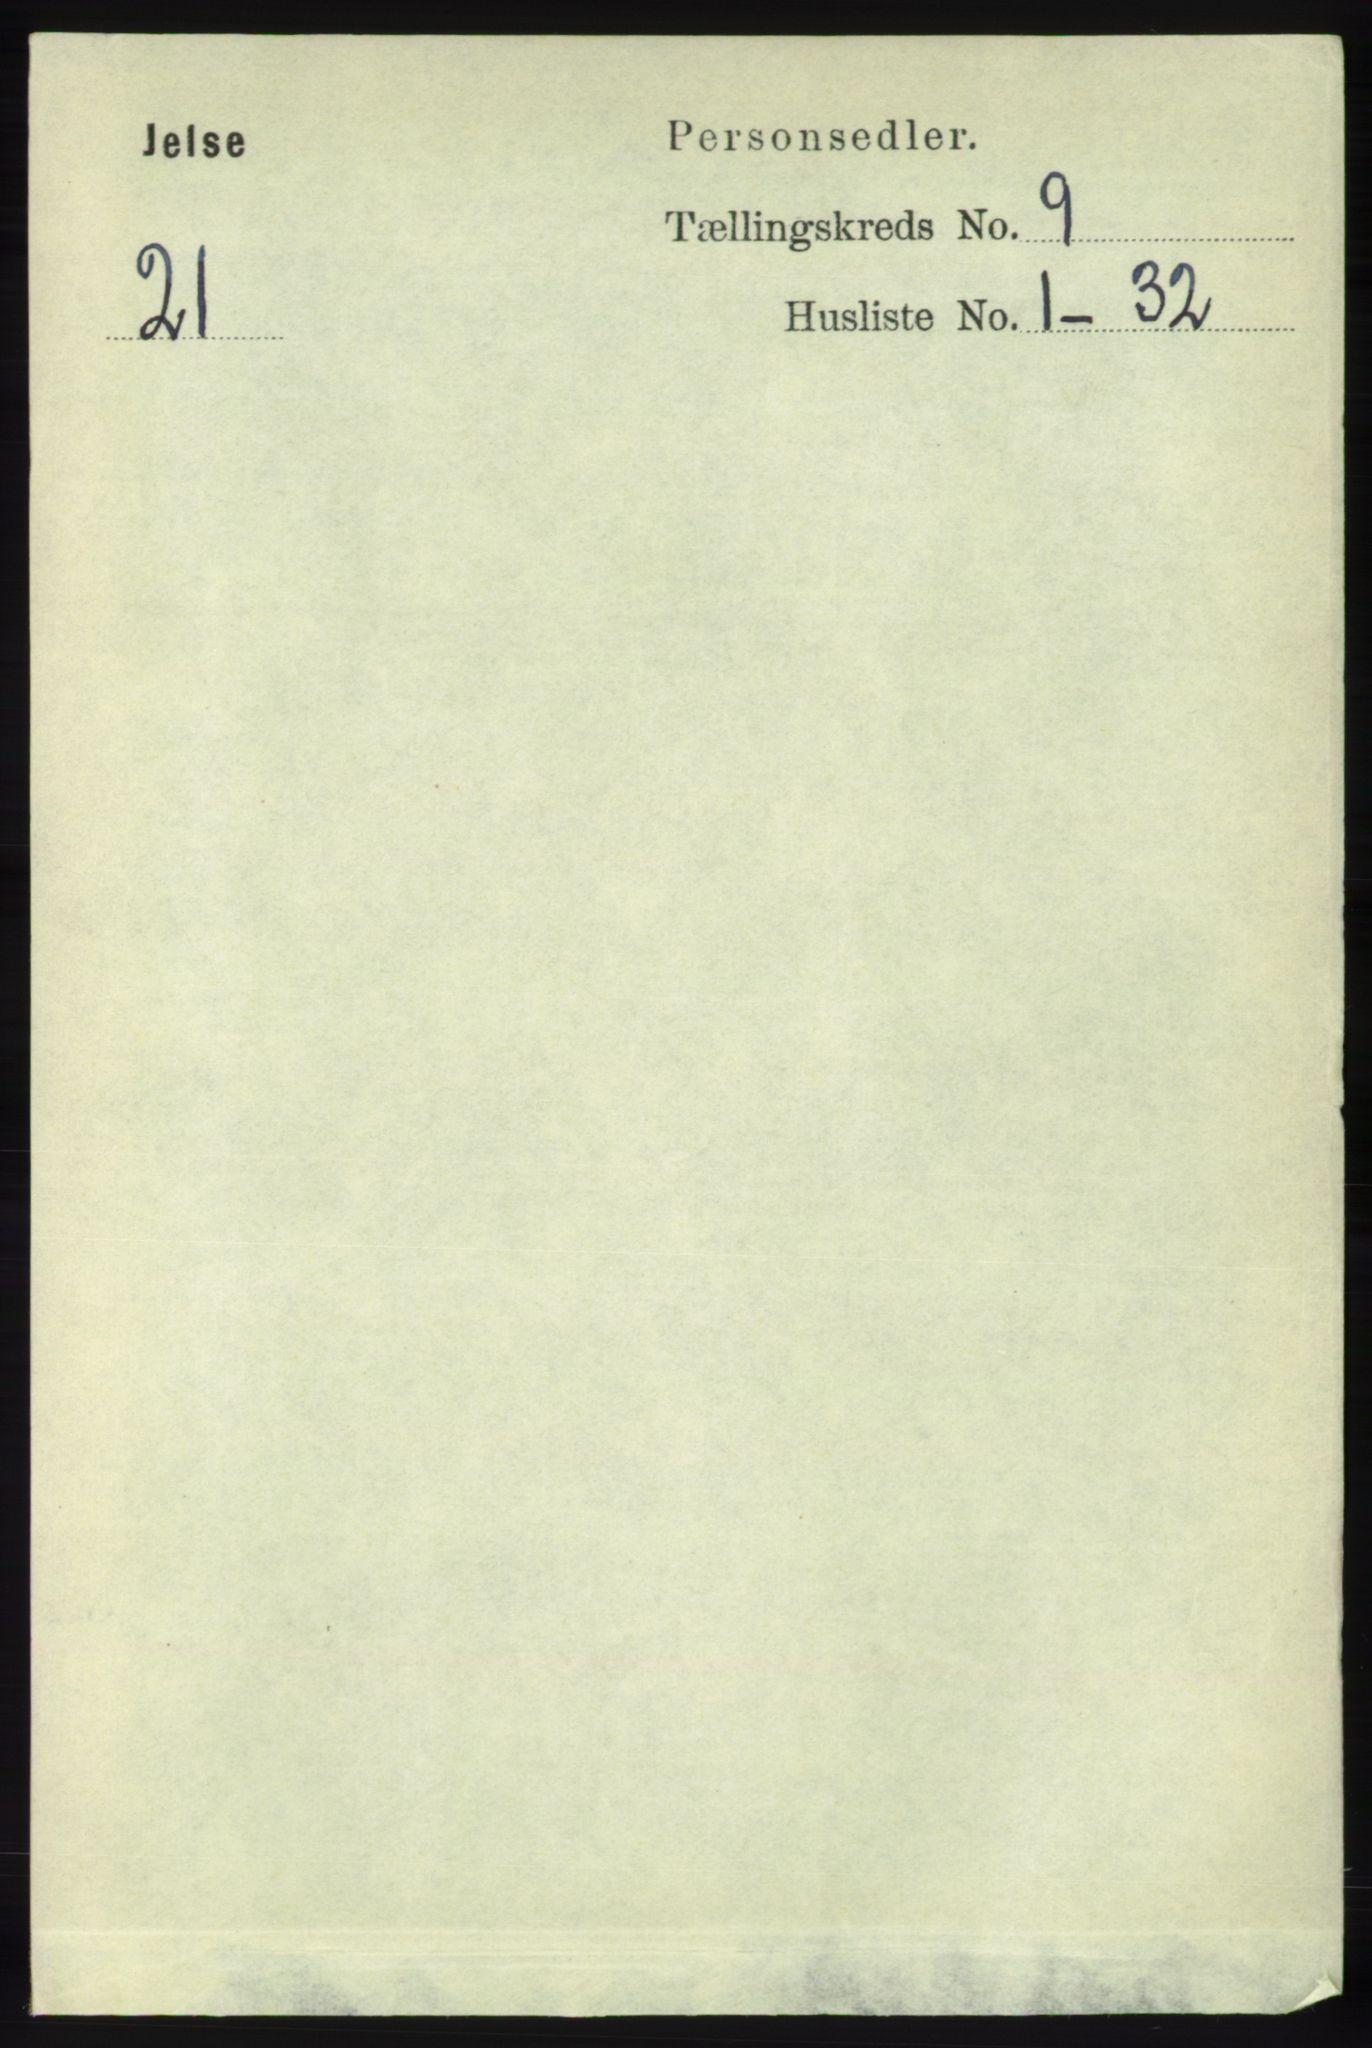 RA, Folketelling 1891 for 1138 Jelsa herred, 1891, s. 2069